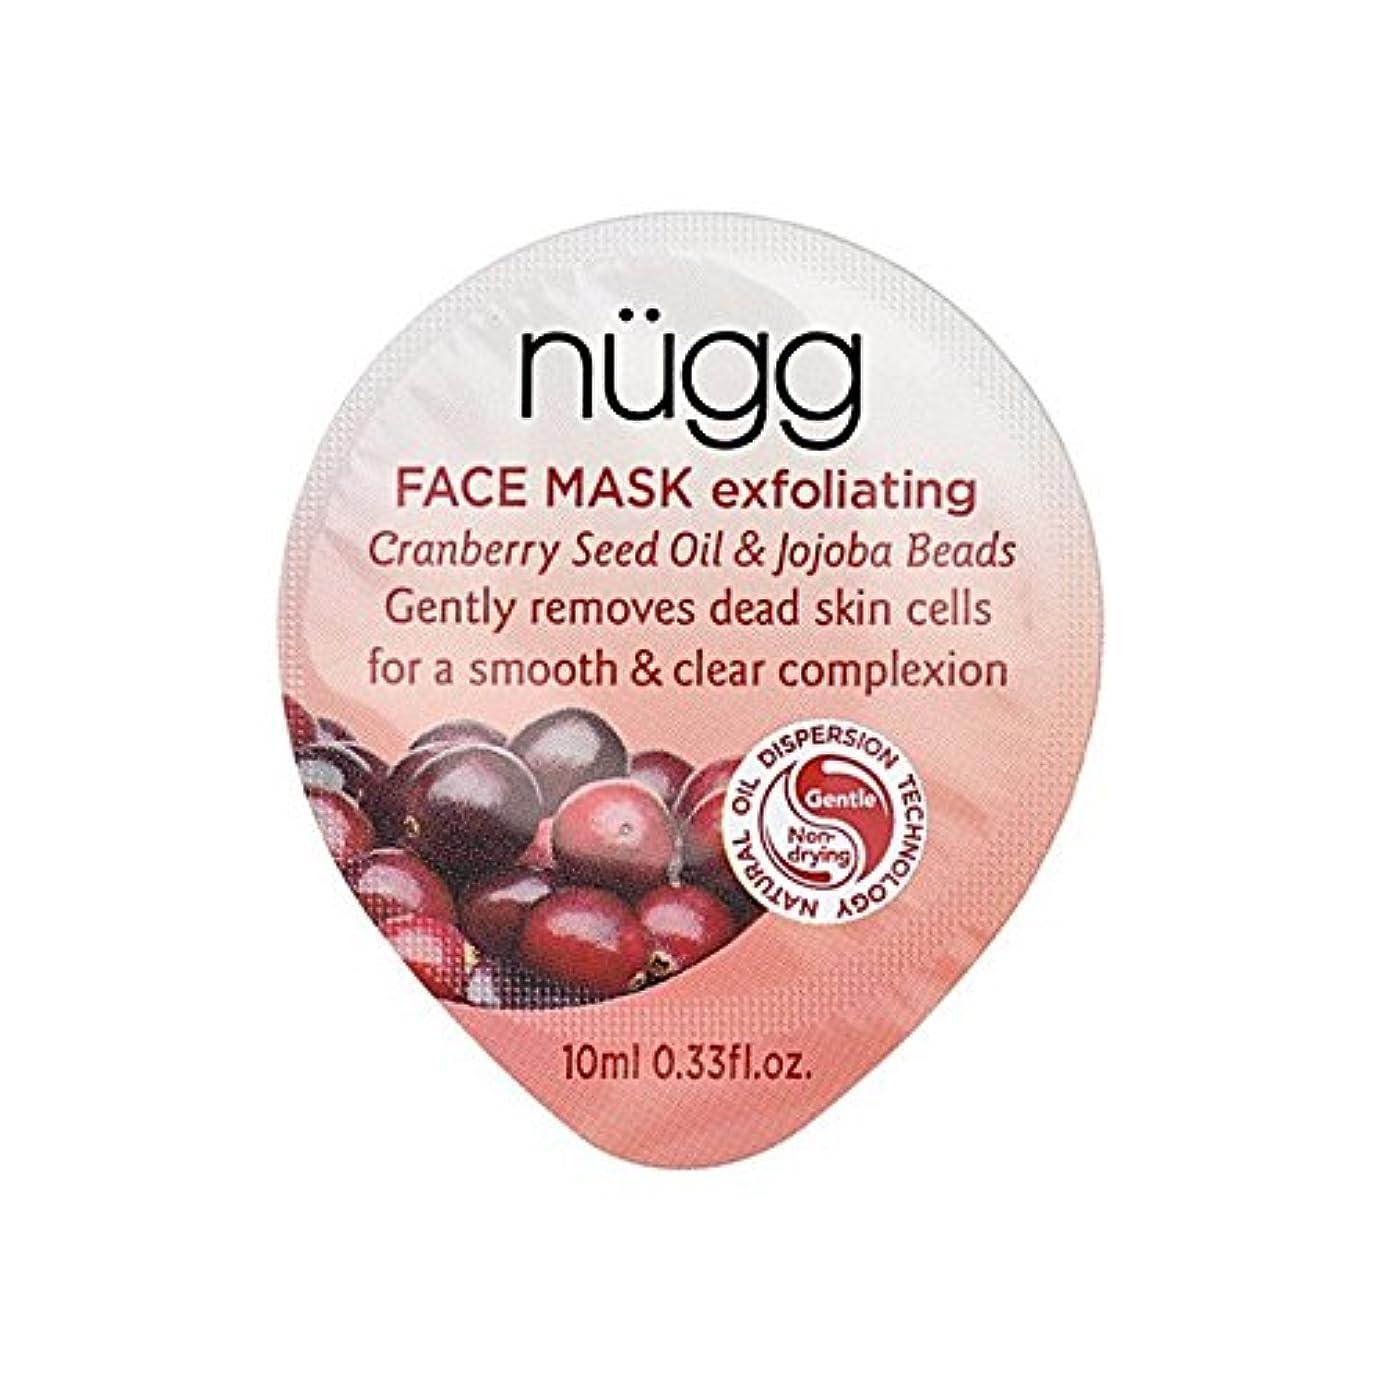 マッサージ雰囲気植物学フェイスマスクを剥離 x4 - Nugg Exfoliating Face Mask (Pack of 4) [並行輸入品]